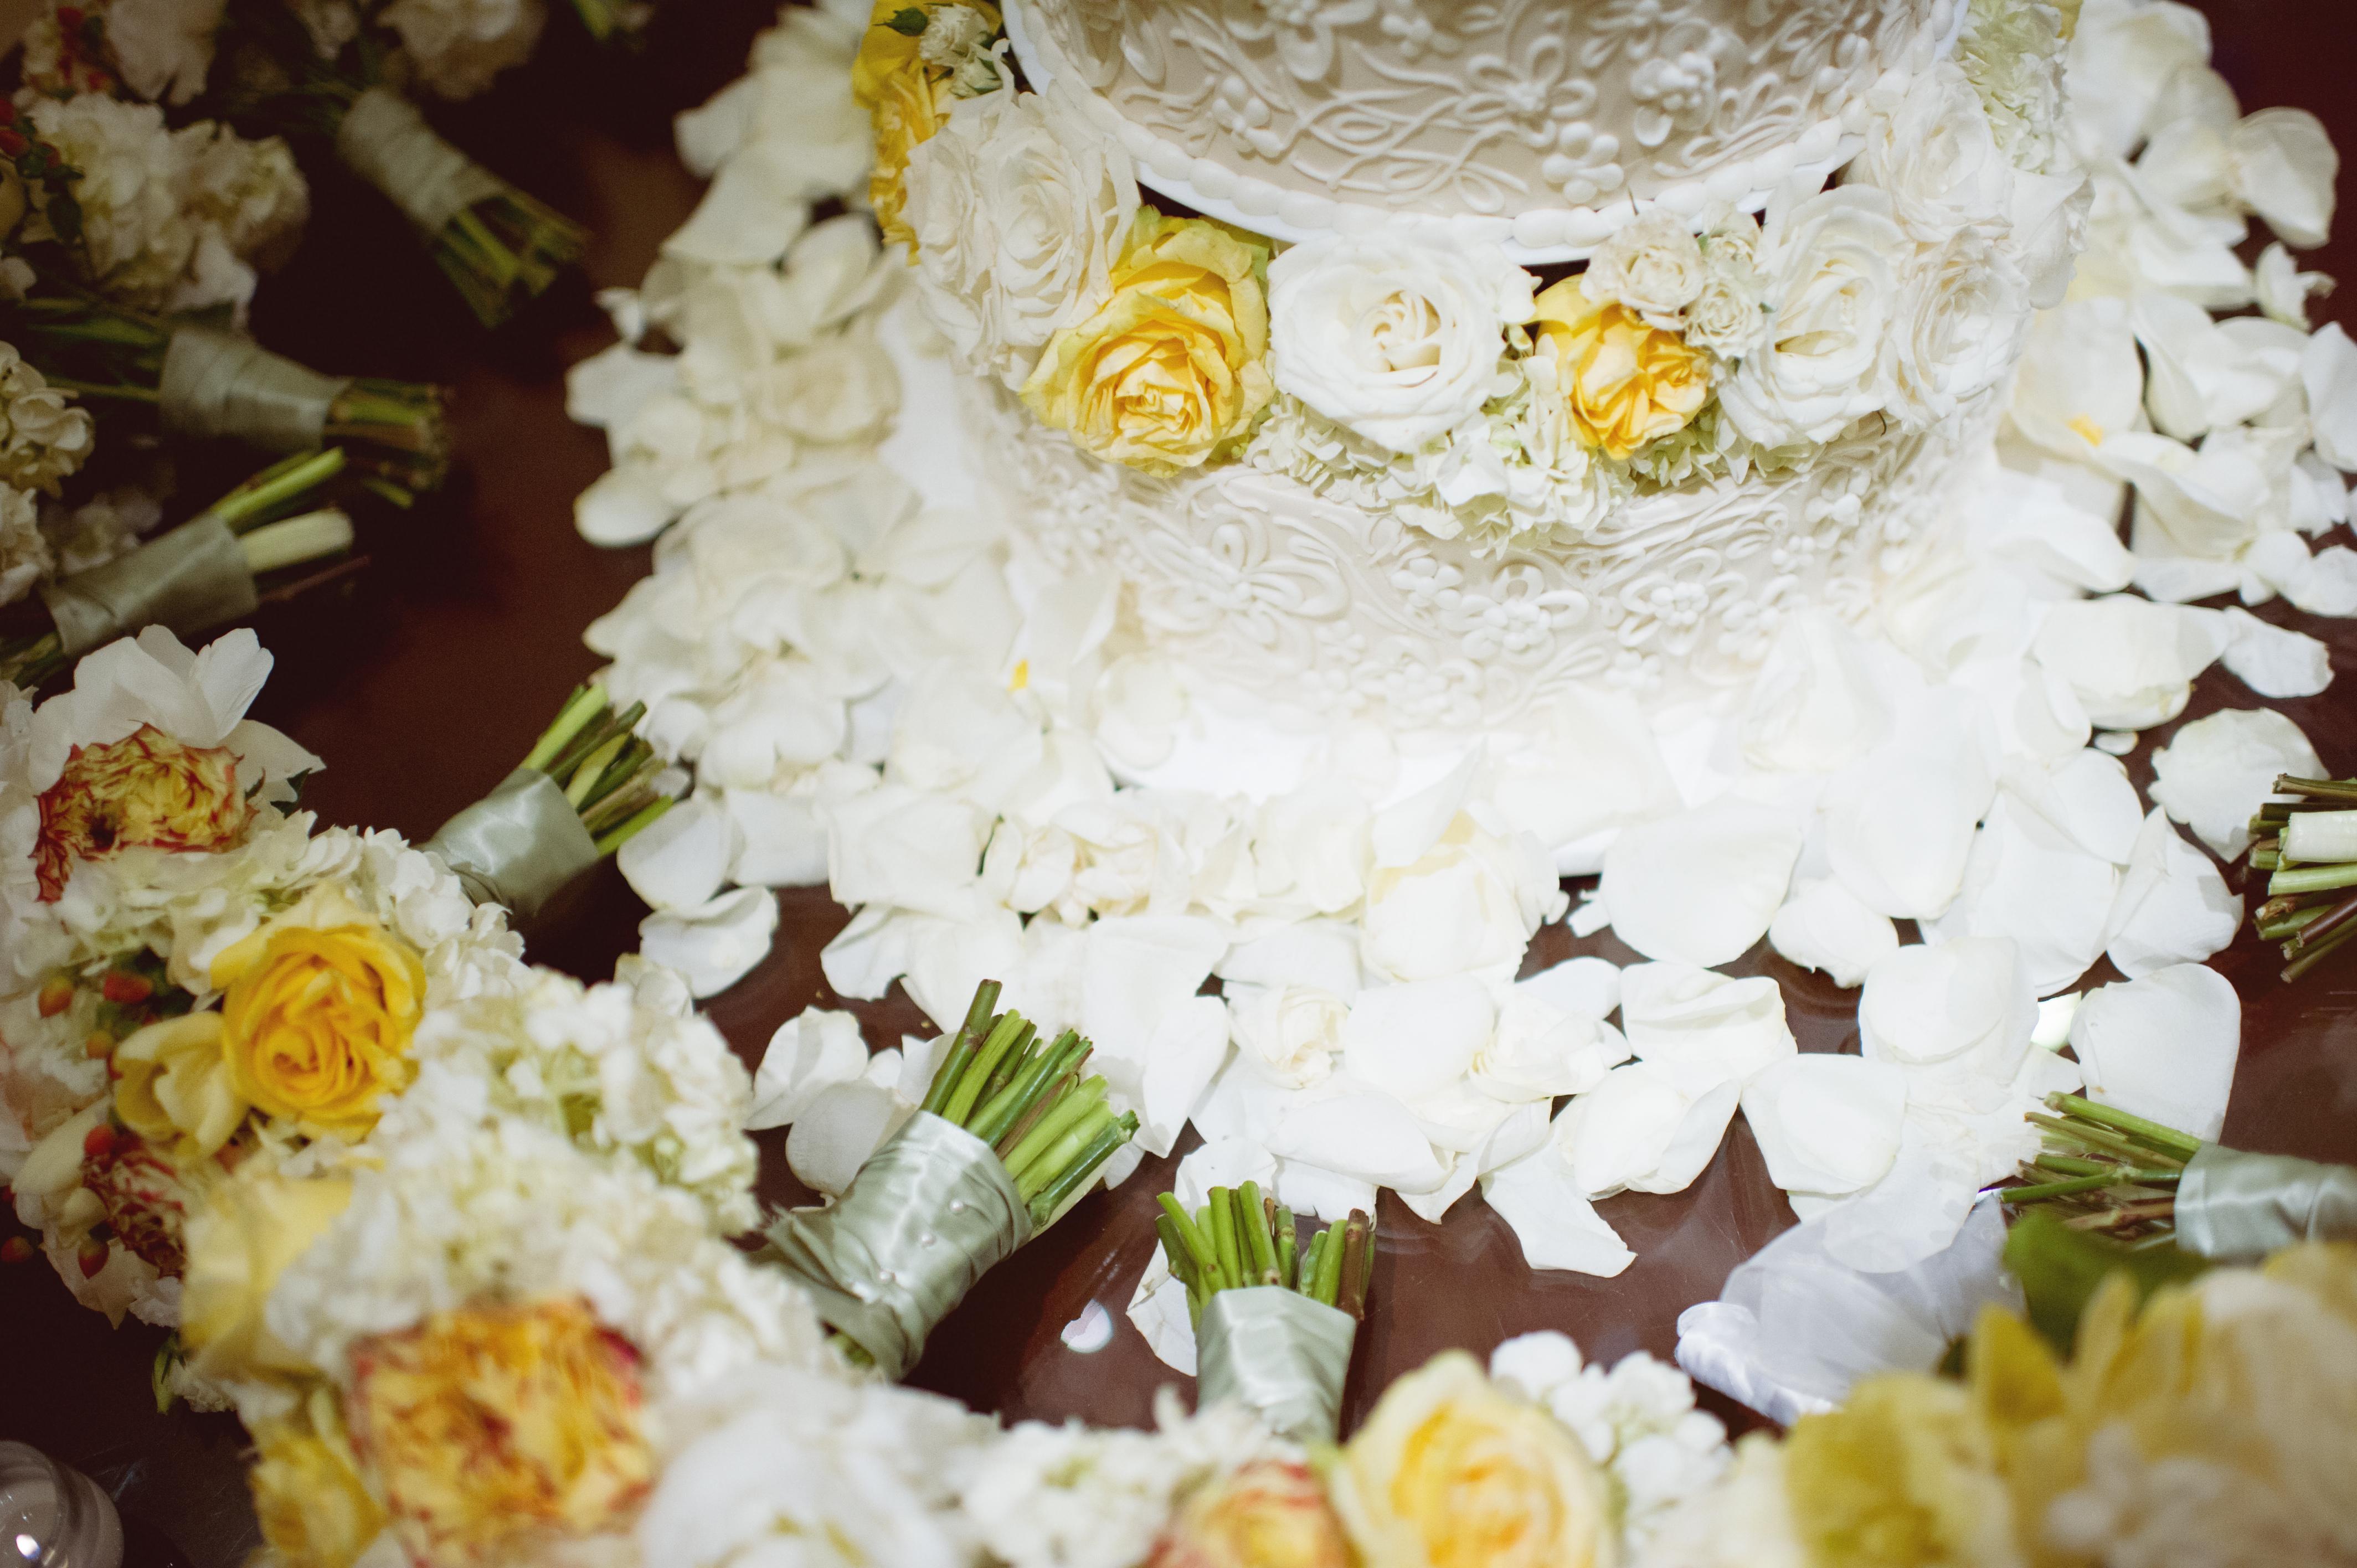 Cakes, Real Weddings, Wedding Style, yellow, Classic Wedding Cakes, Floral Wedding Cakes, Round Wedding Cakes, Wedding Cakes, Southern Real Weddings, Summer Weddings, Summer Real Weddings, Southern weddings